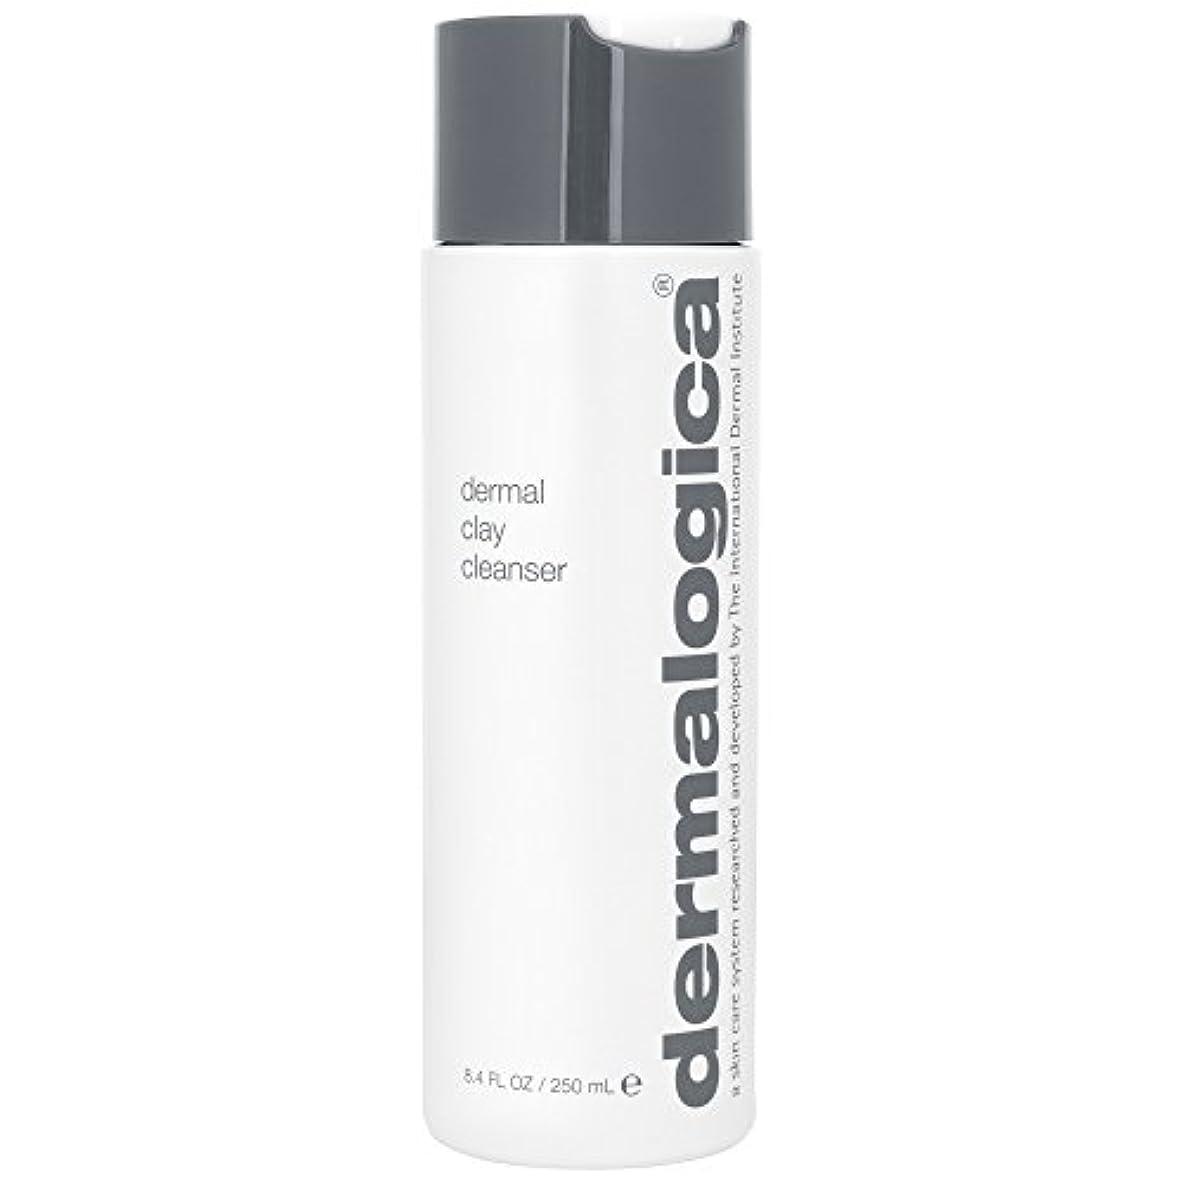 ワーカー里親北米ダーマロジカ真皮クレイクレンザー250ミリリットル (Dermalogica) (x6) - Dermalogica Dermal Clay Cleanser 250ml (Pack of 6) [並行輸入品]